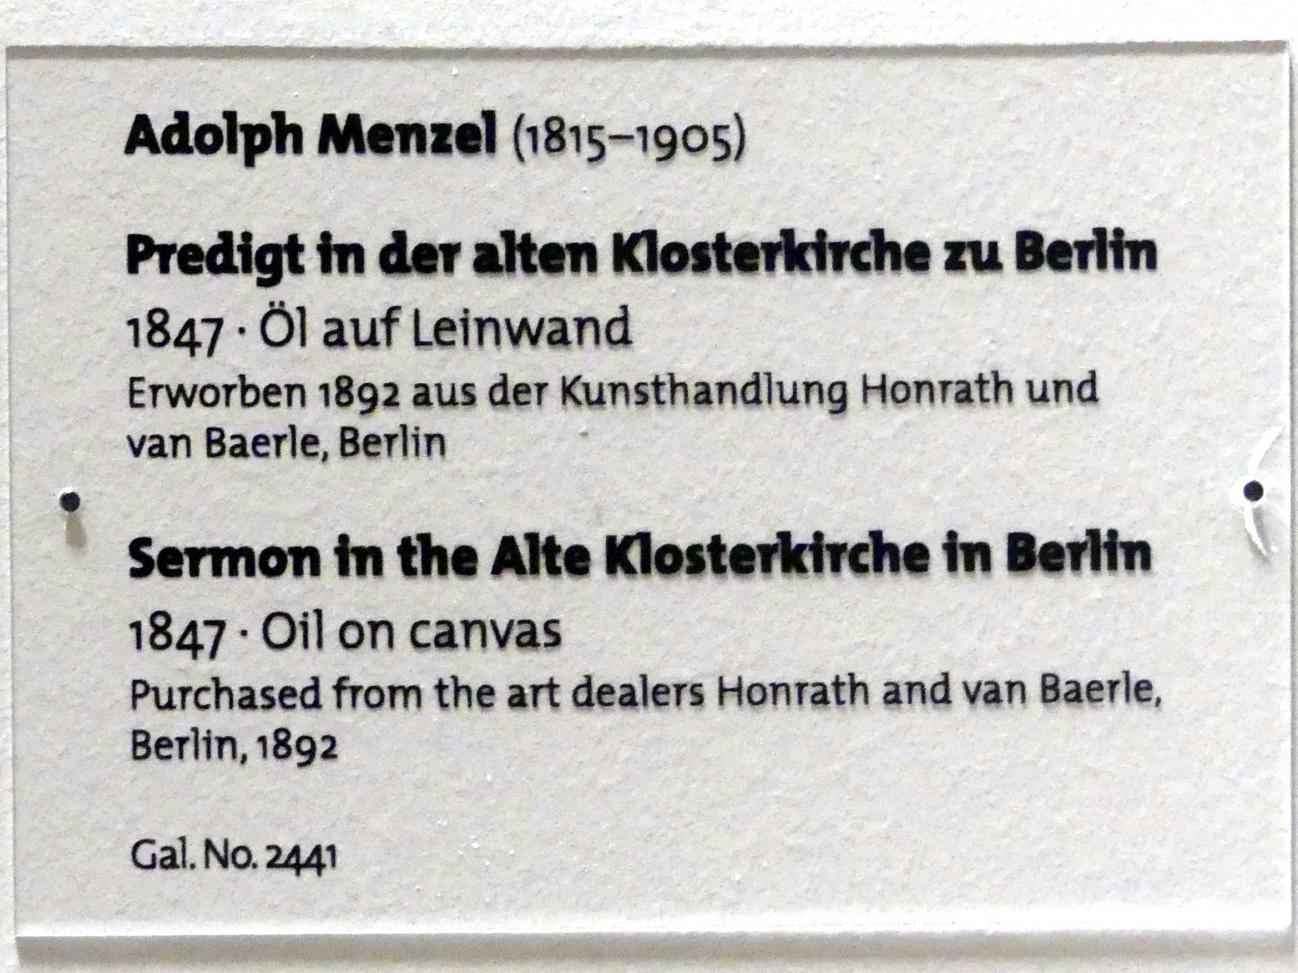 Adolph von Menzel: Predigt in der alten Klosterkirche zu Berlin, 1847, Bild 2/2